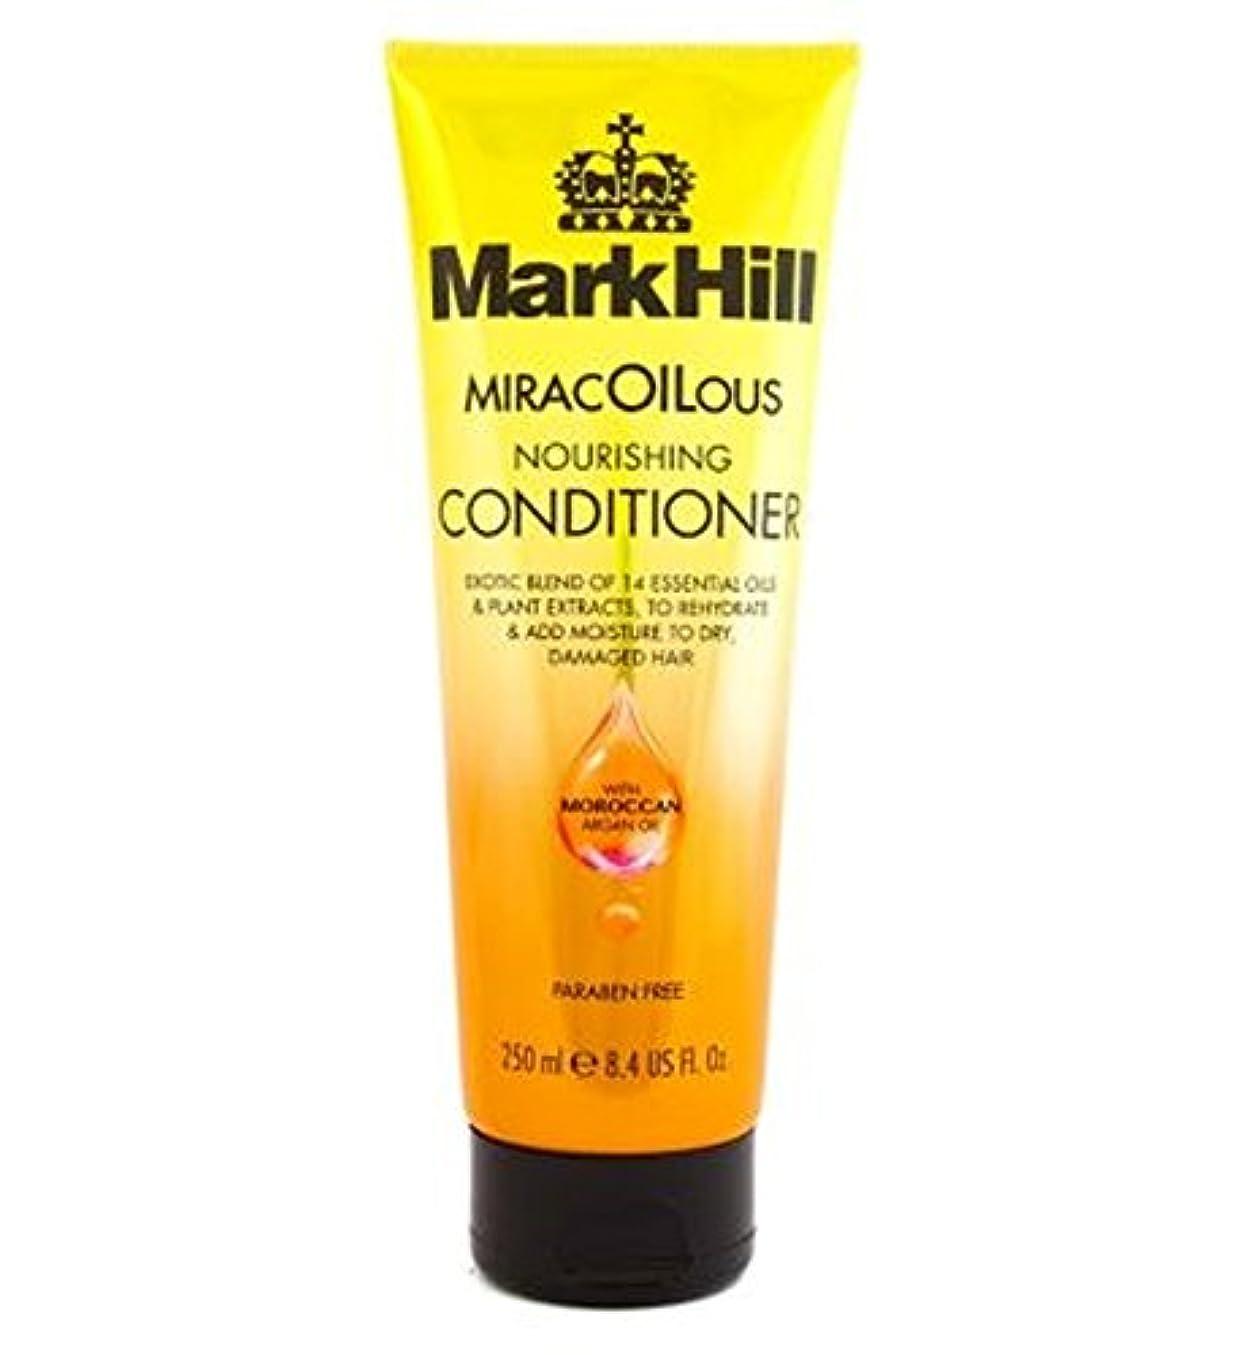 一致合併症ヘッドレスマーク丘Miracoiliciousコンディショナー250Ml (Mark Hill) (x2) - Mark Hill MiracOILicious Conditioner 250ml (Pack of 2) [並行輸入品]